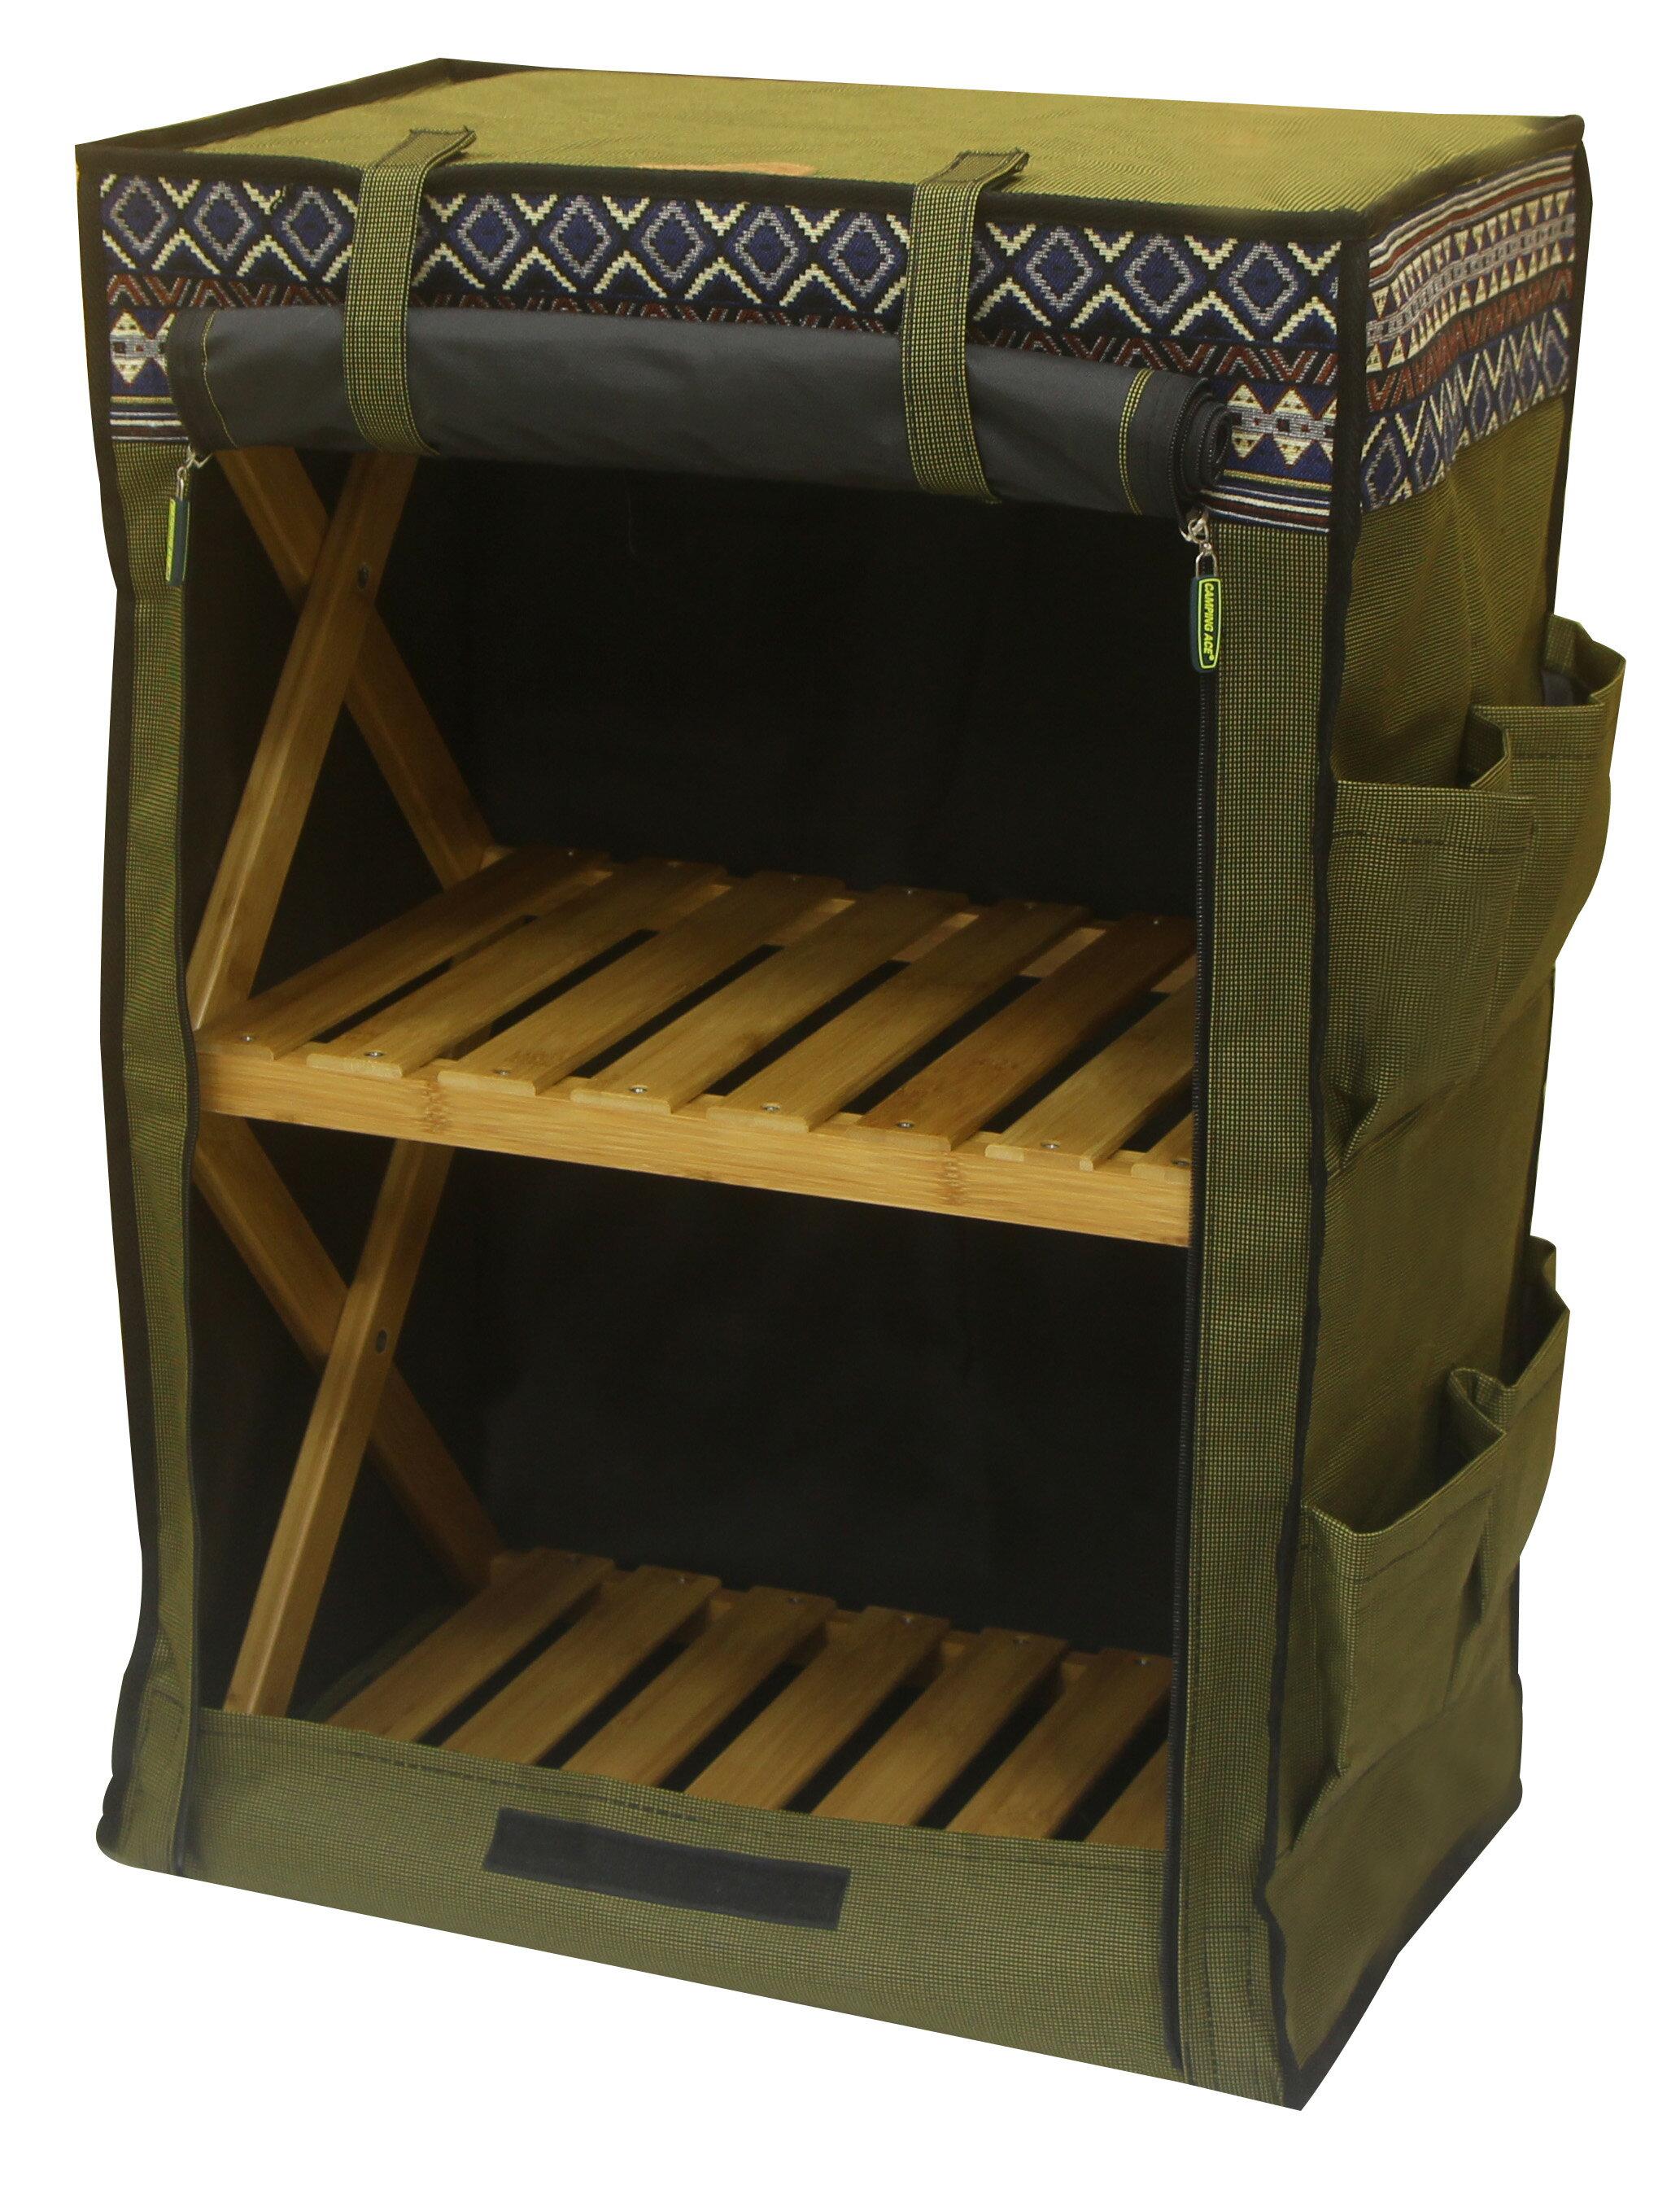 野樂伸縮三層竹架布櫃,布袋下方有魔鬼氈設計 ARC-109-3C 野樂 Camping Ace 0